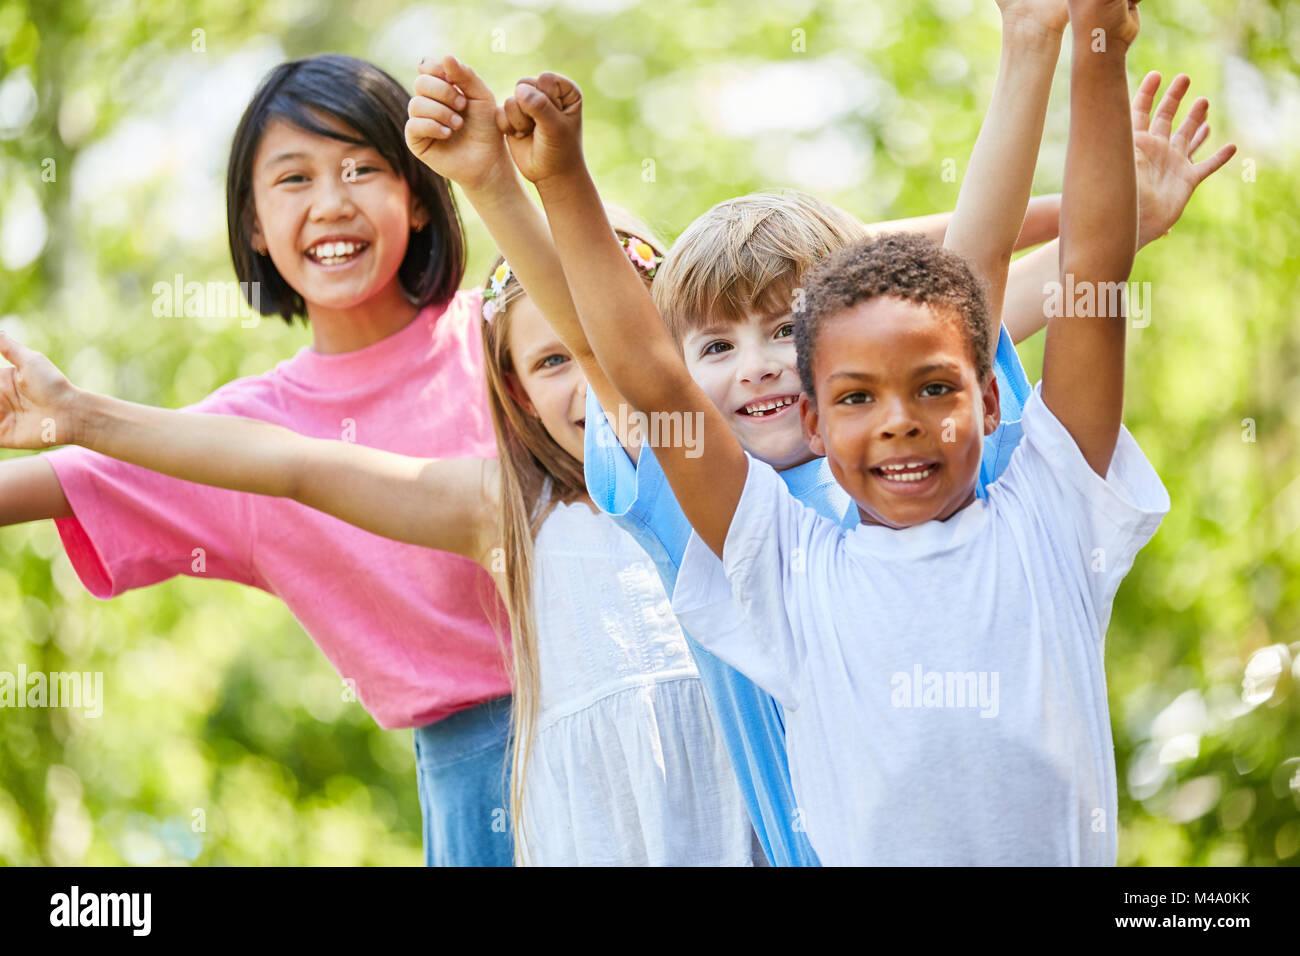 Grupo de niños en la guardería internacional están felices y vítores Imagen De Stock